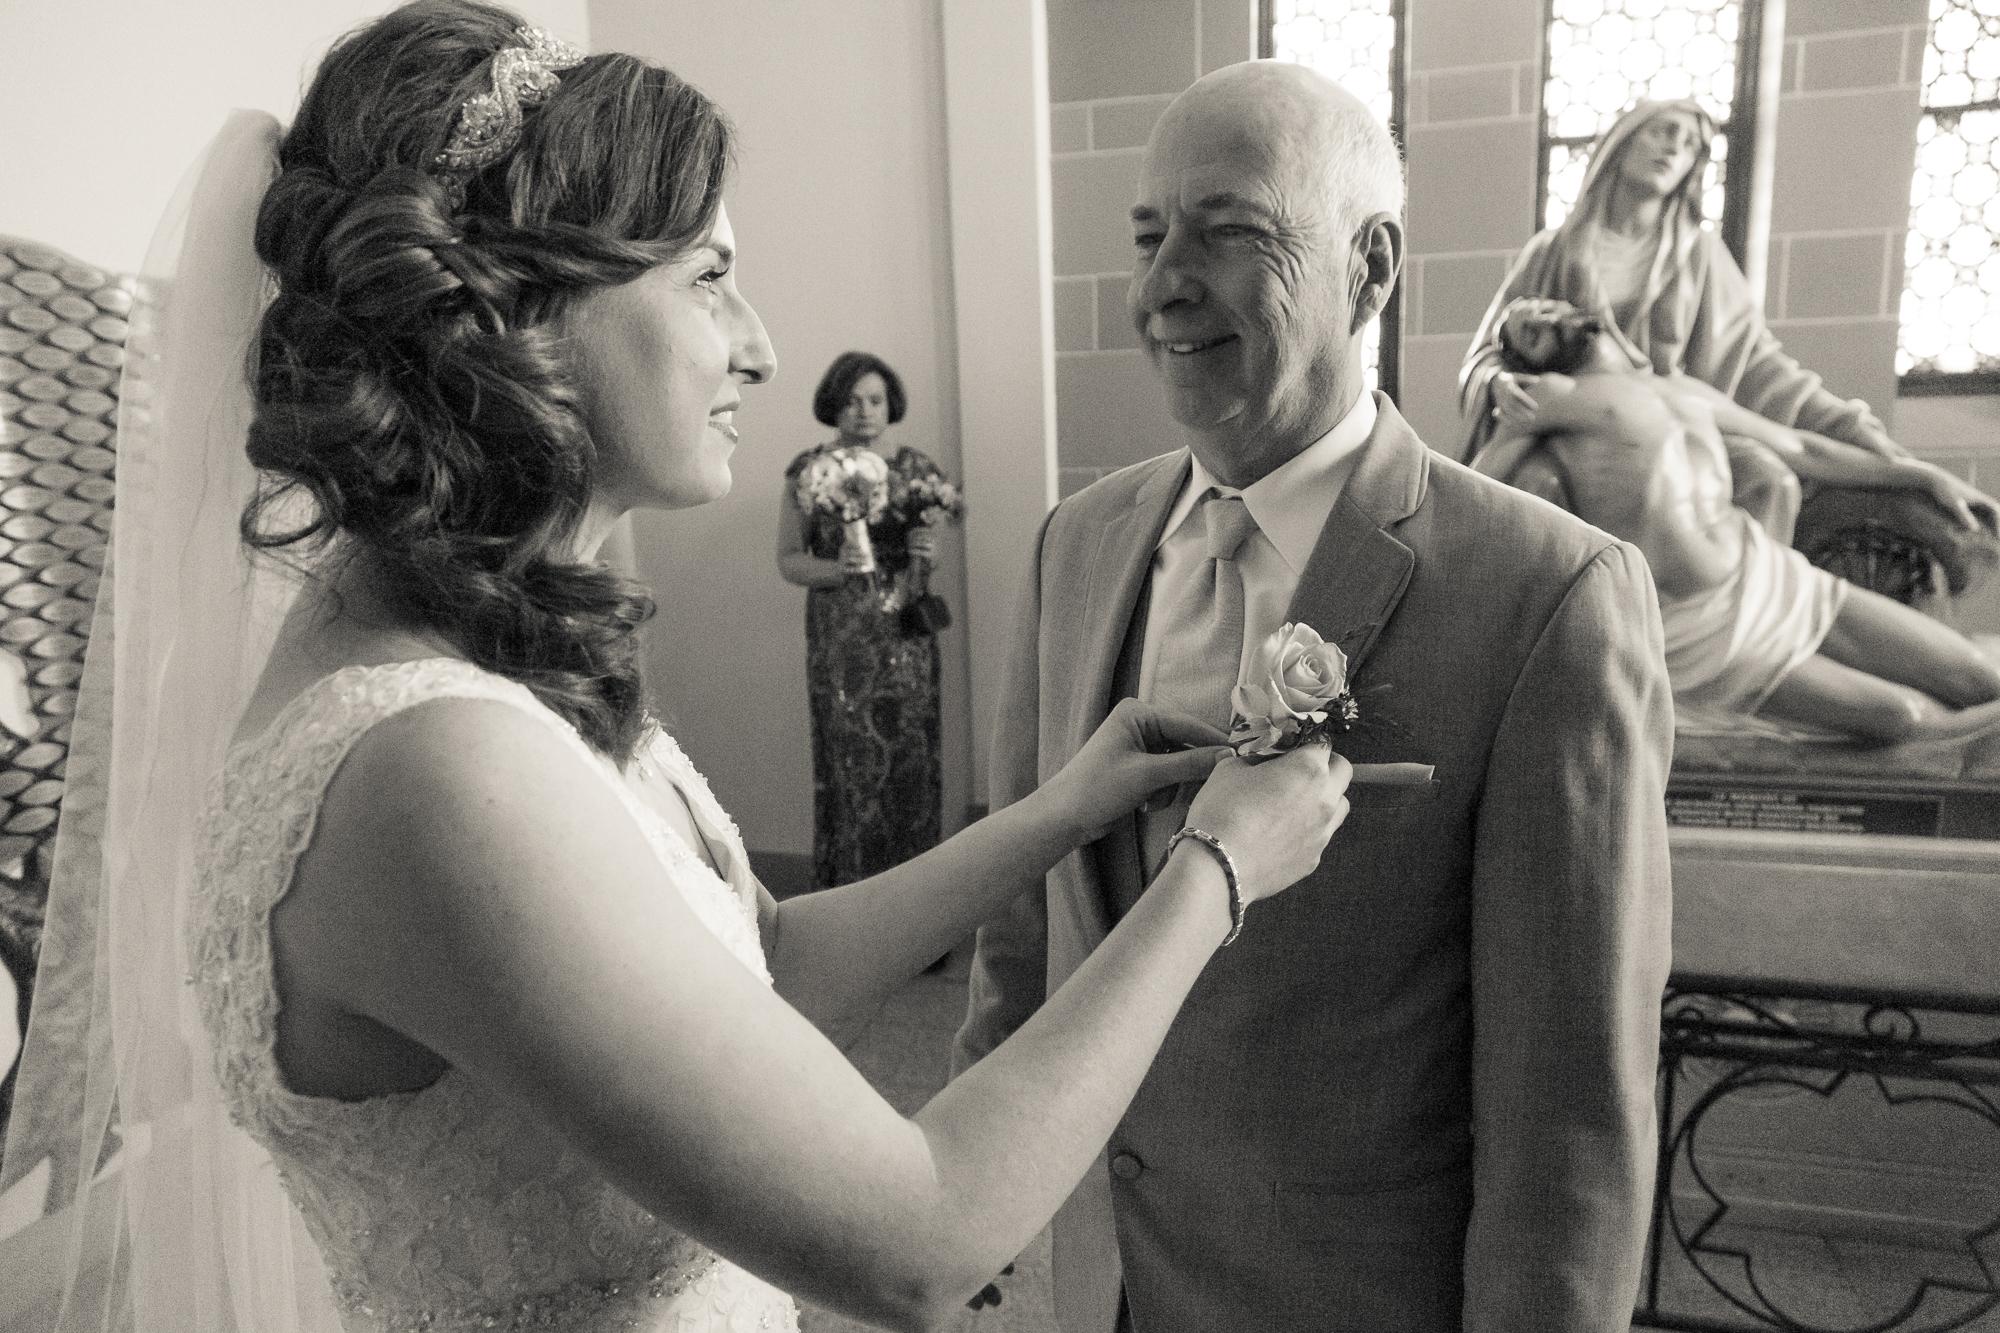 scranton-wedding-photography-zak-zavada-poconos--kellyGeoff-017.jpg